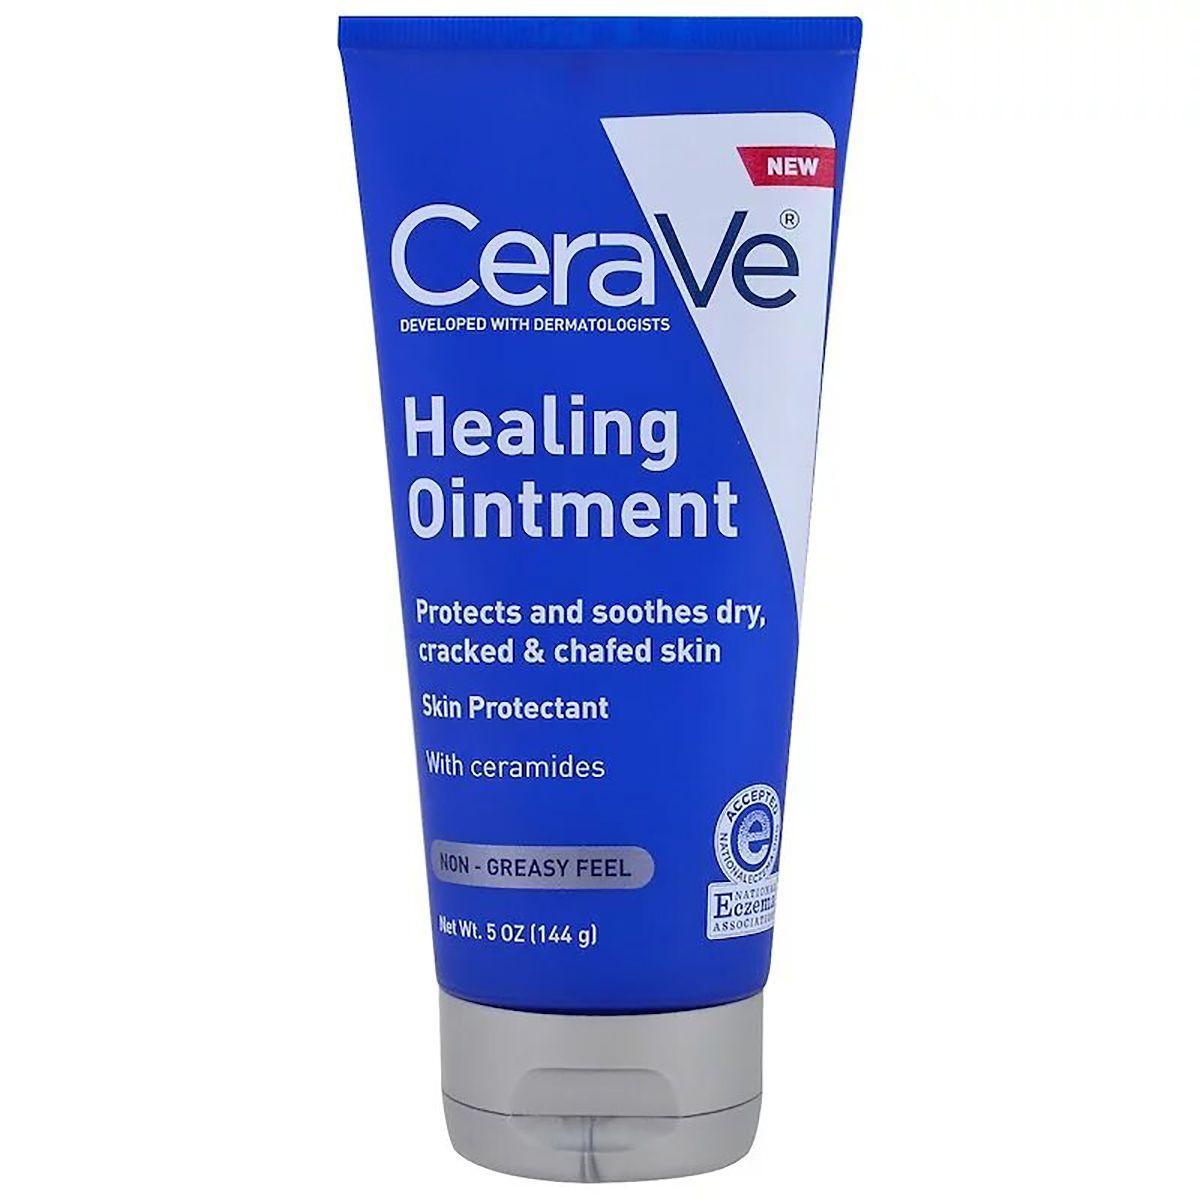 Цілюща мазь для шкіри CeraVe Healing Ointment 144 г Оригінал! (343199)